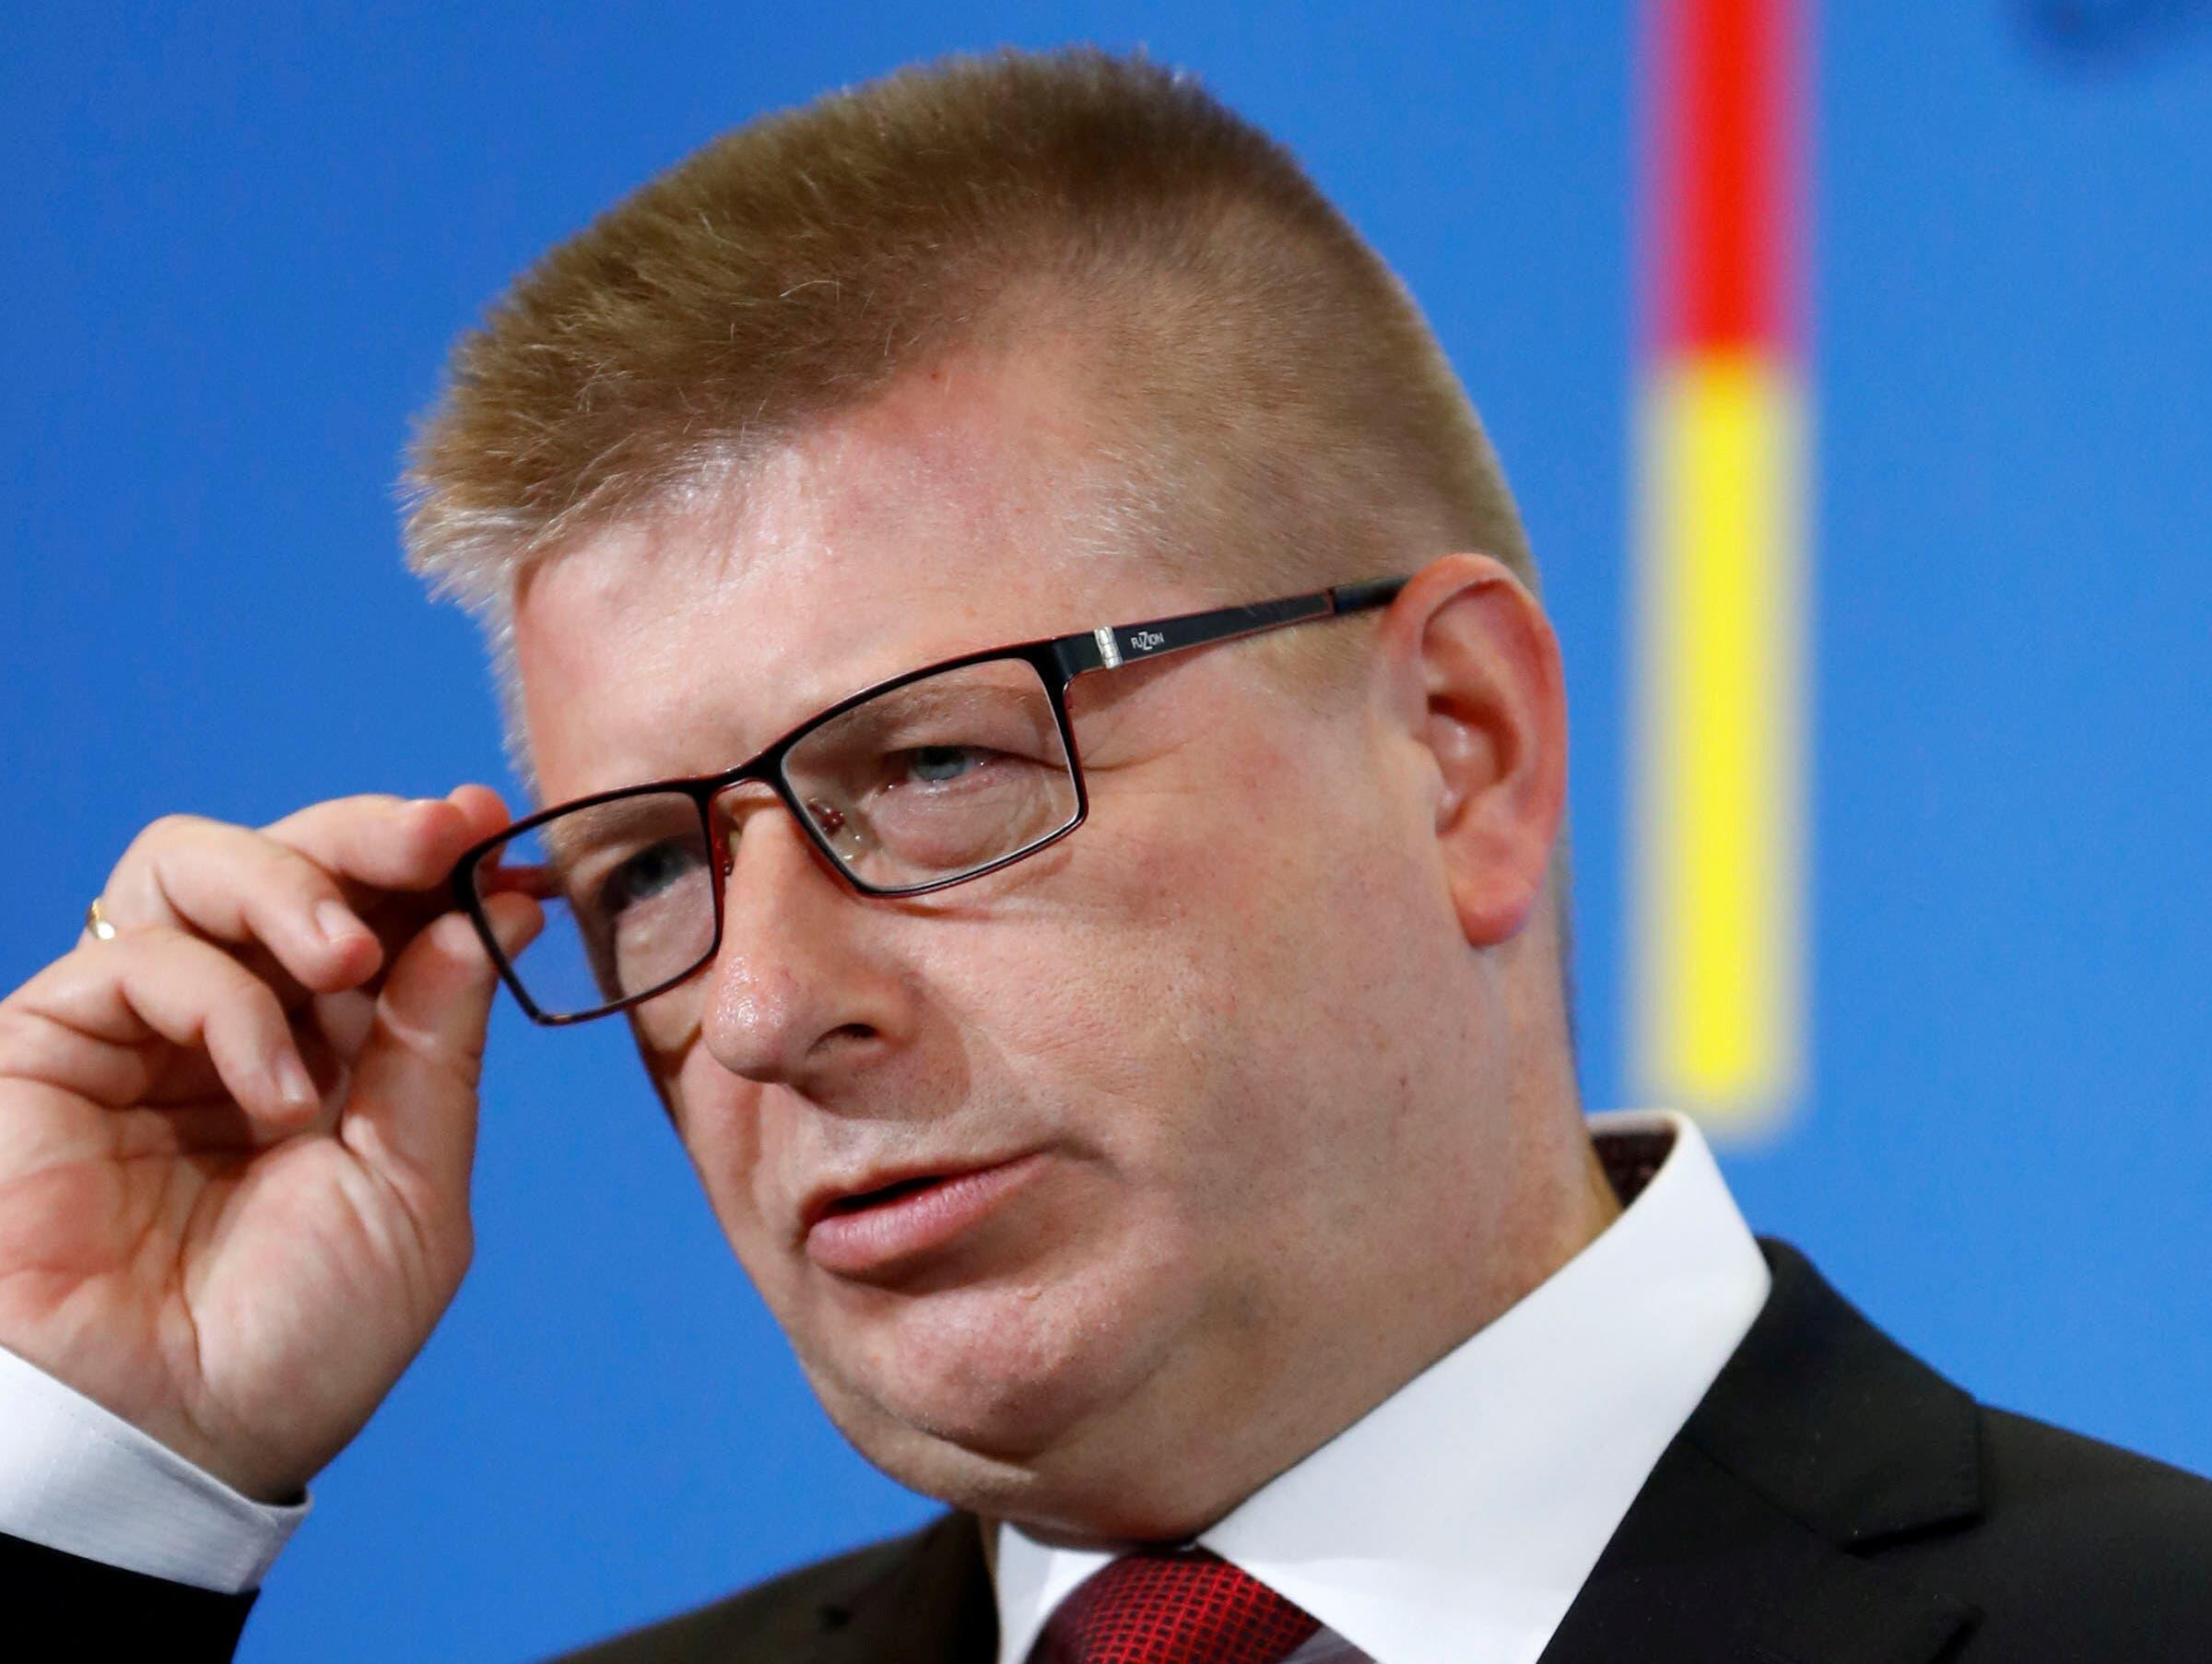 德國憲法保衛局局長托馬斯·哈爾登旺資料圖片